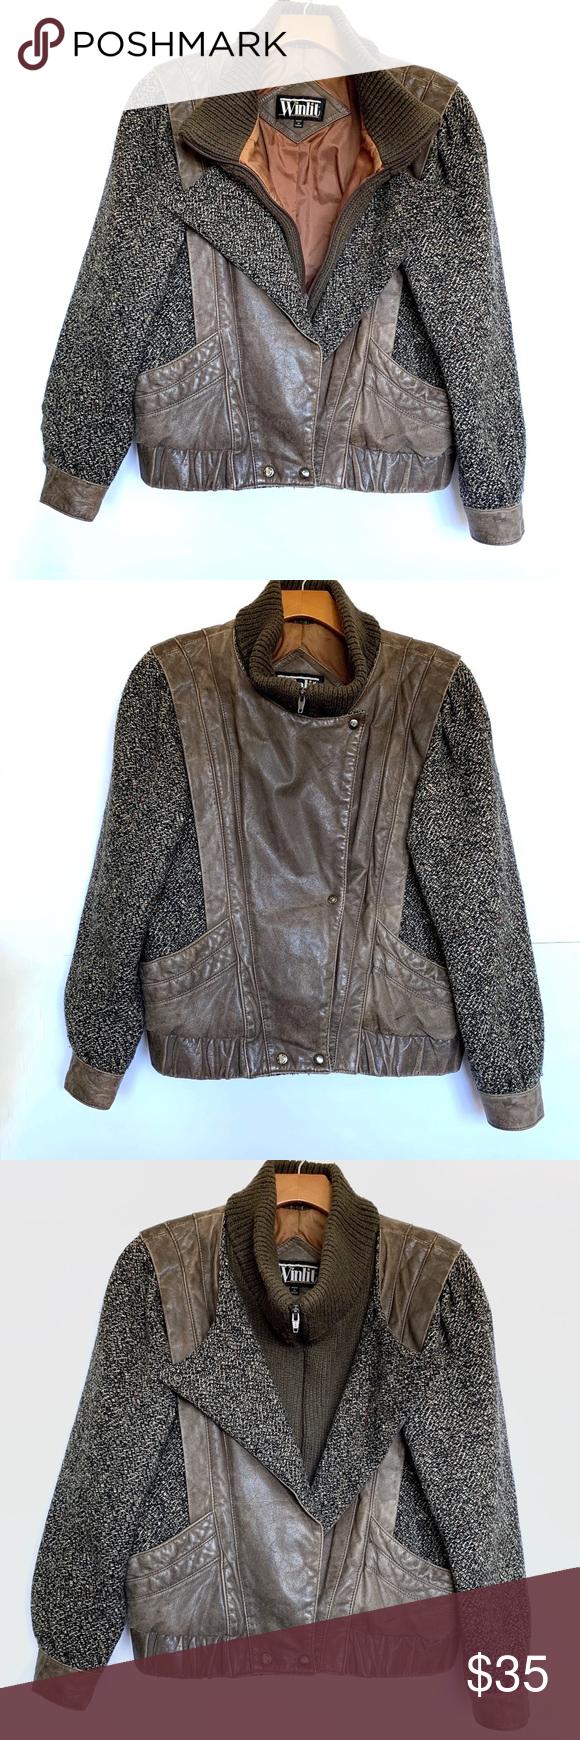 Winlit Vintage Genuine Leather and Tweed Jacket in 2020